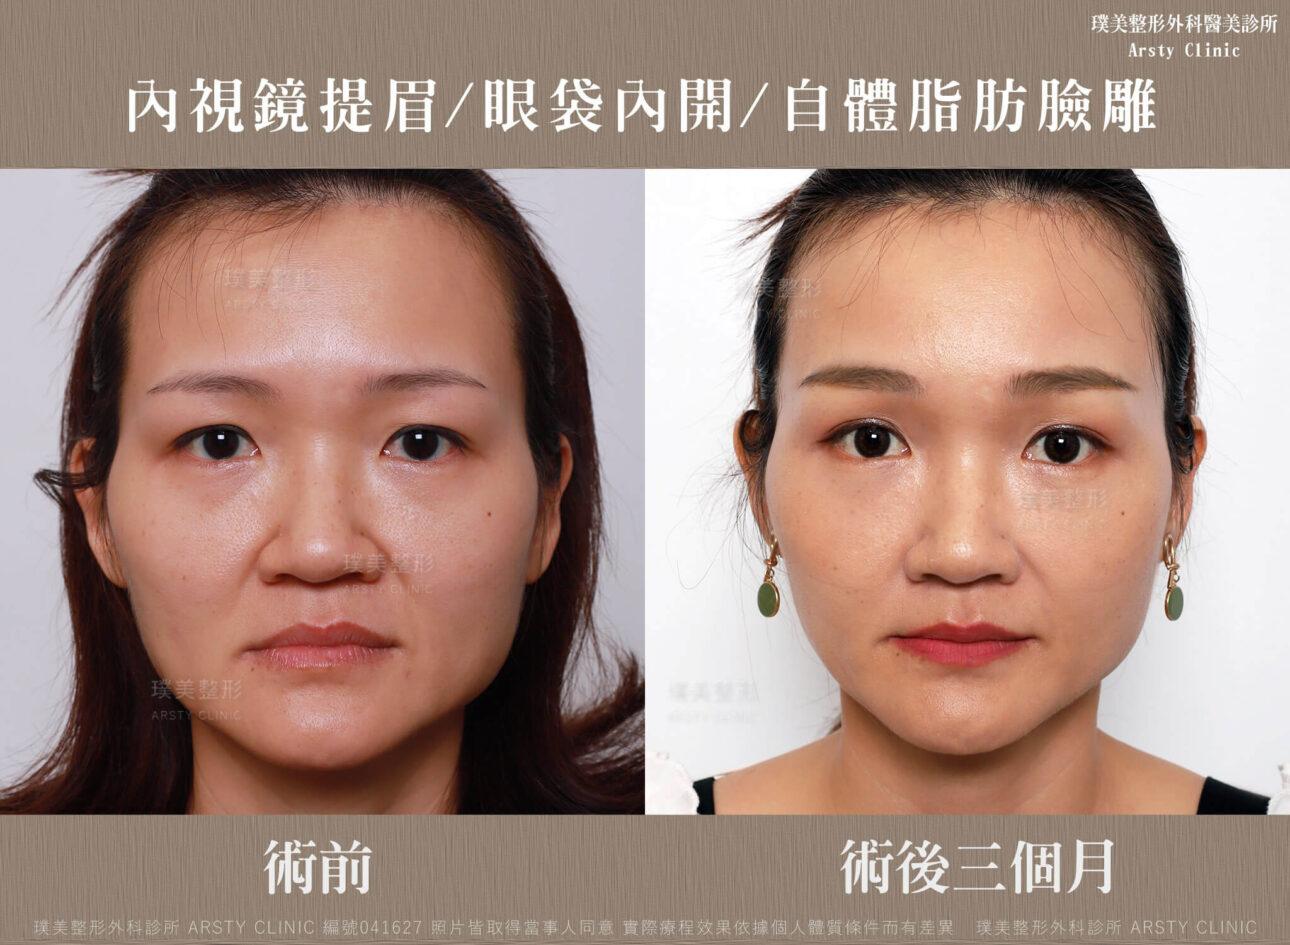 內視鏡提眉 上臉拉提 拉皮 眼袋內開 臉雕補脂 BA 041627 三個月正面 1